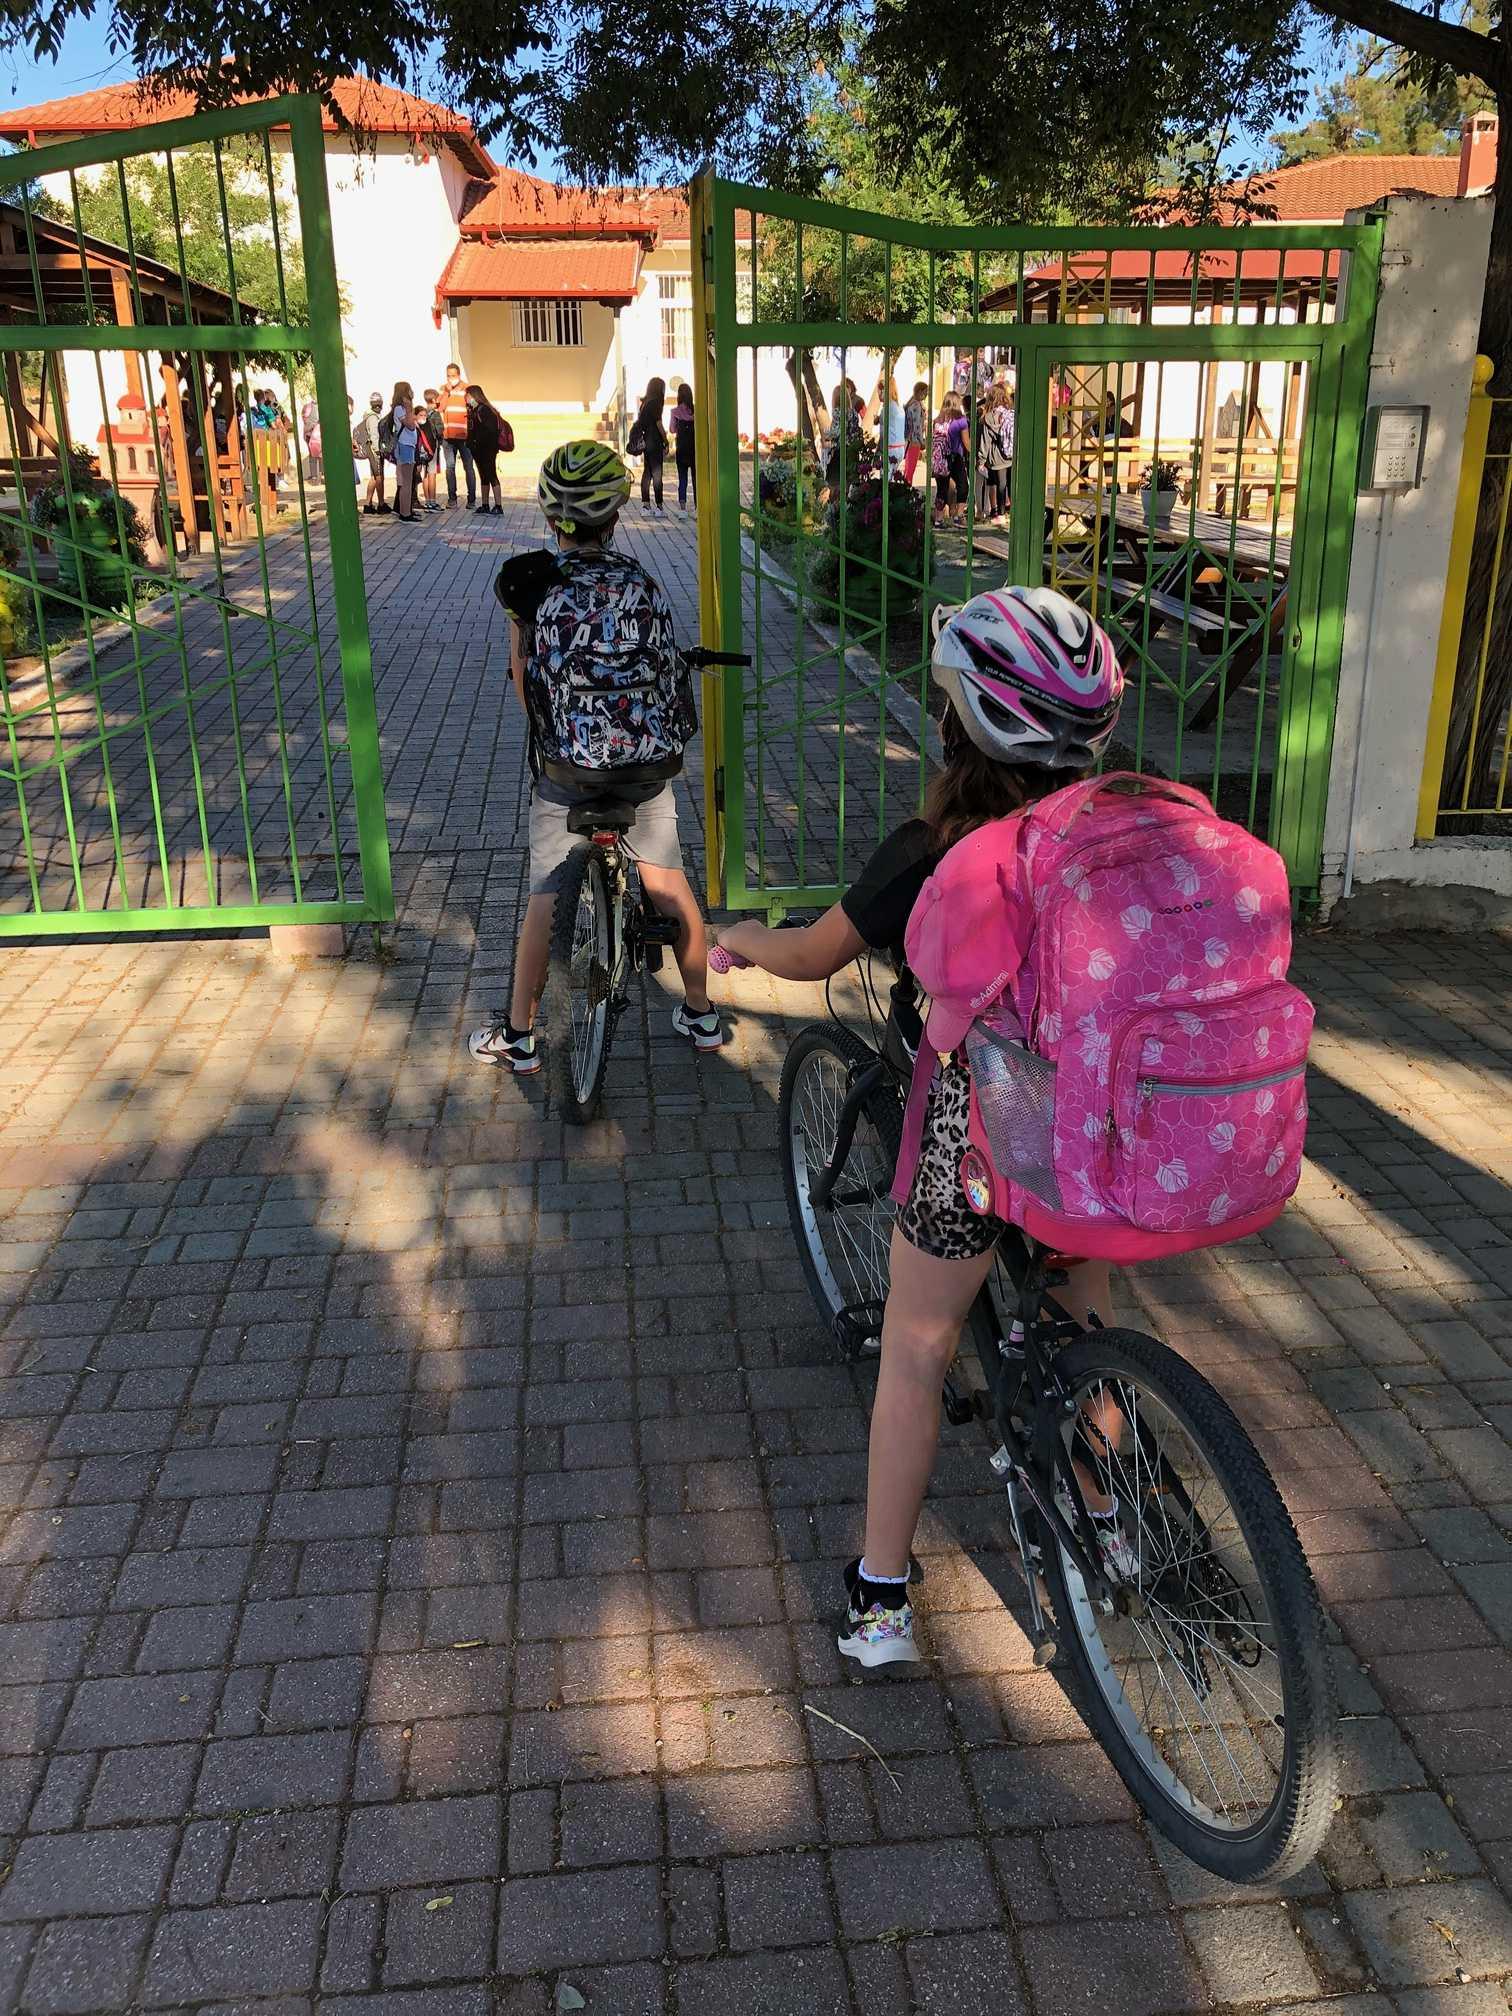 Χαλκιδική: Αυτό είναι το σχολείο της Ολύνθου που οι περισσότεροι μαθητές φτάνουν με ποδήλατα